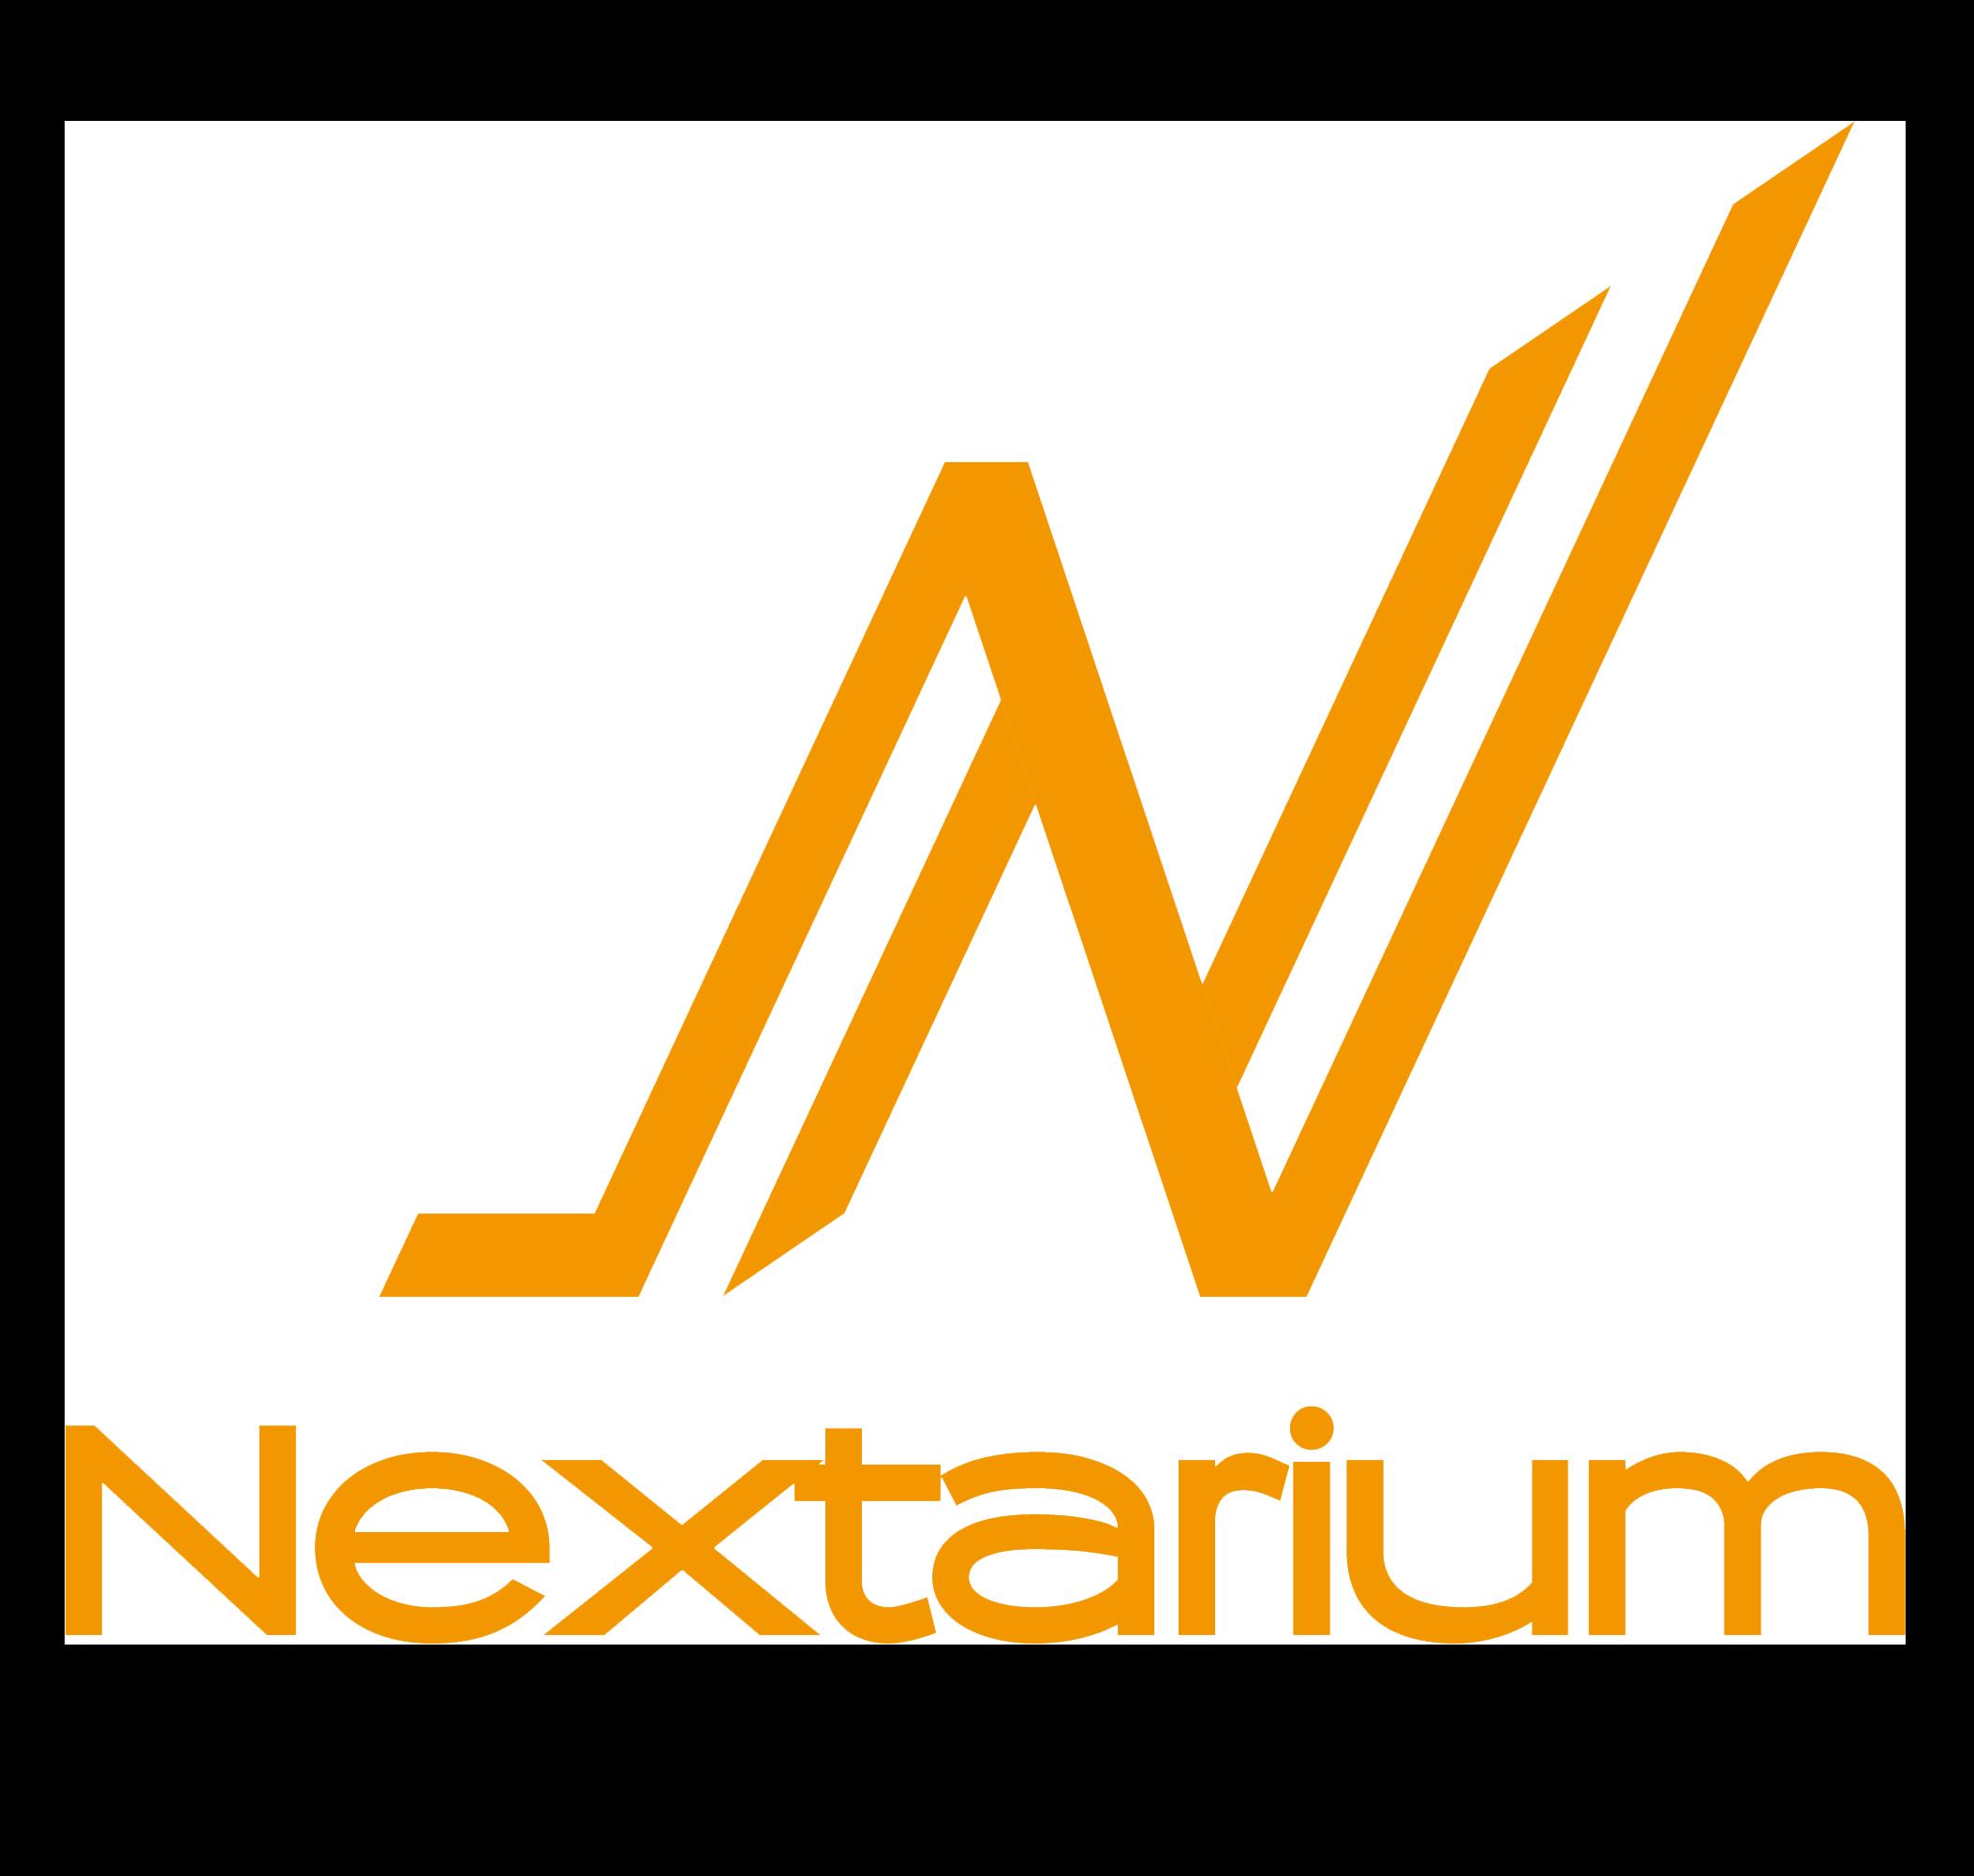 Nextarium Inc.